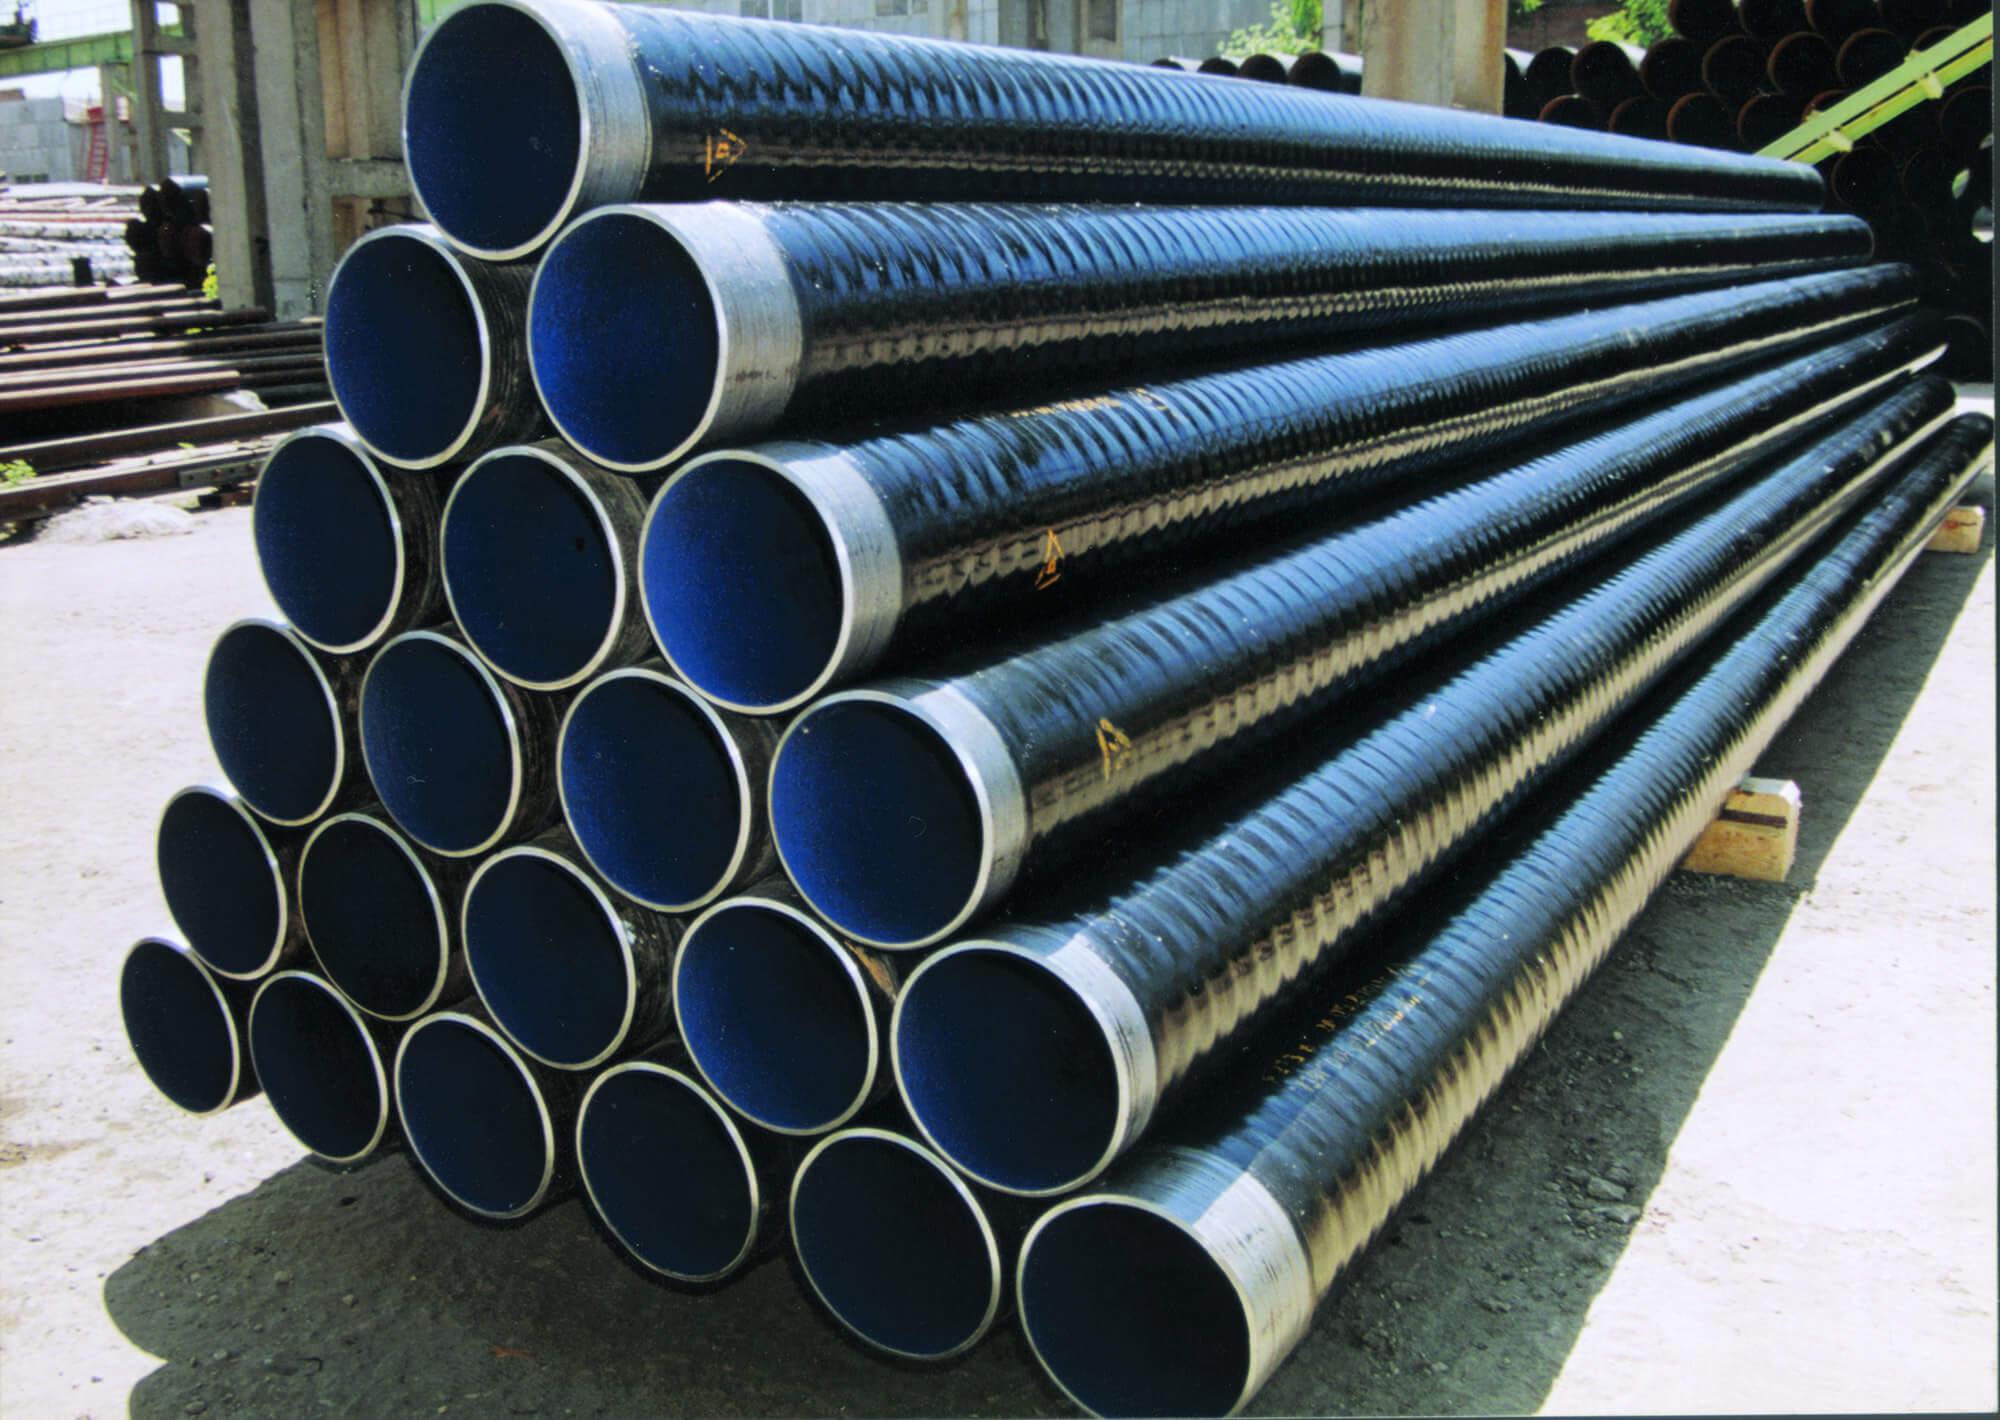 ФРТП призывает усилить контроль за незаконным оборотом трубной продукции в строительстве